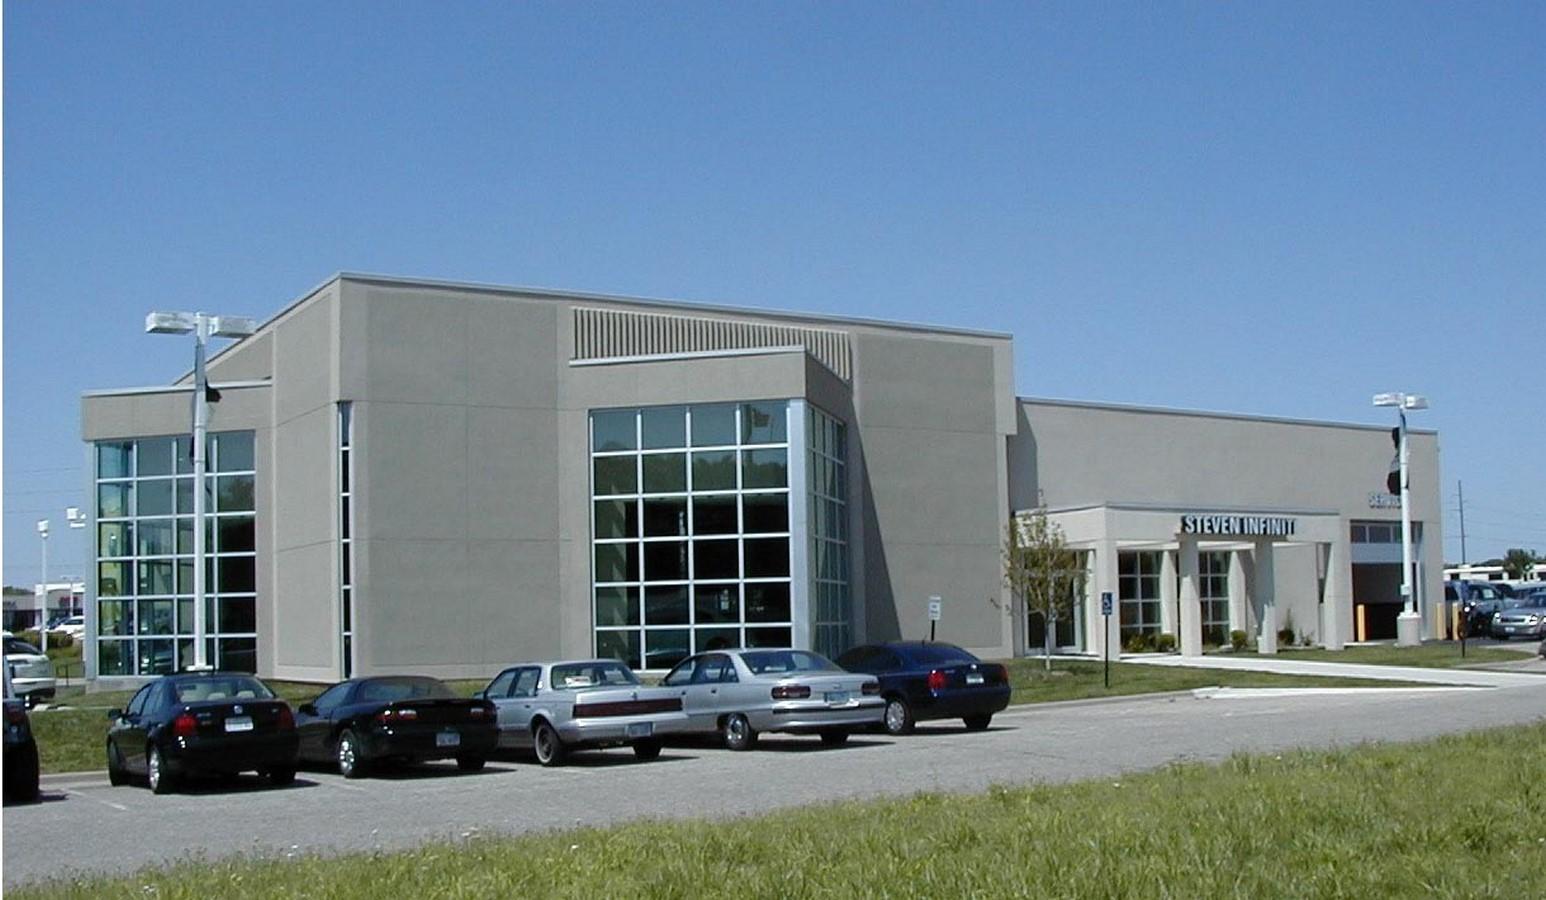 Architects in Wichita - Top 30 Architects in Wichita - Sheet4